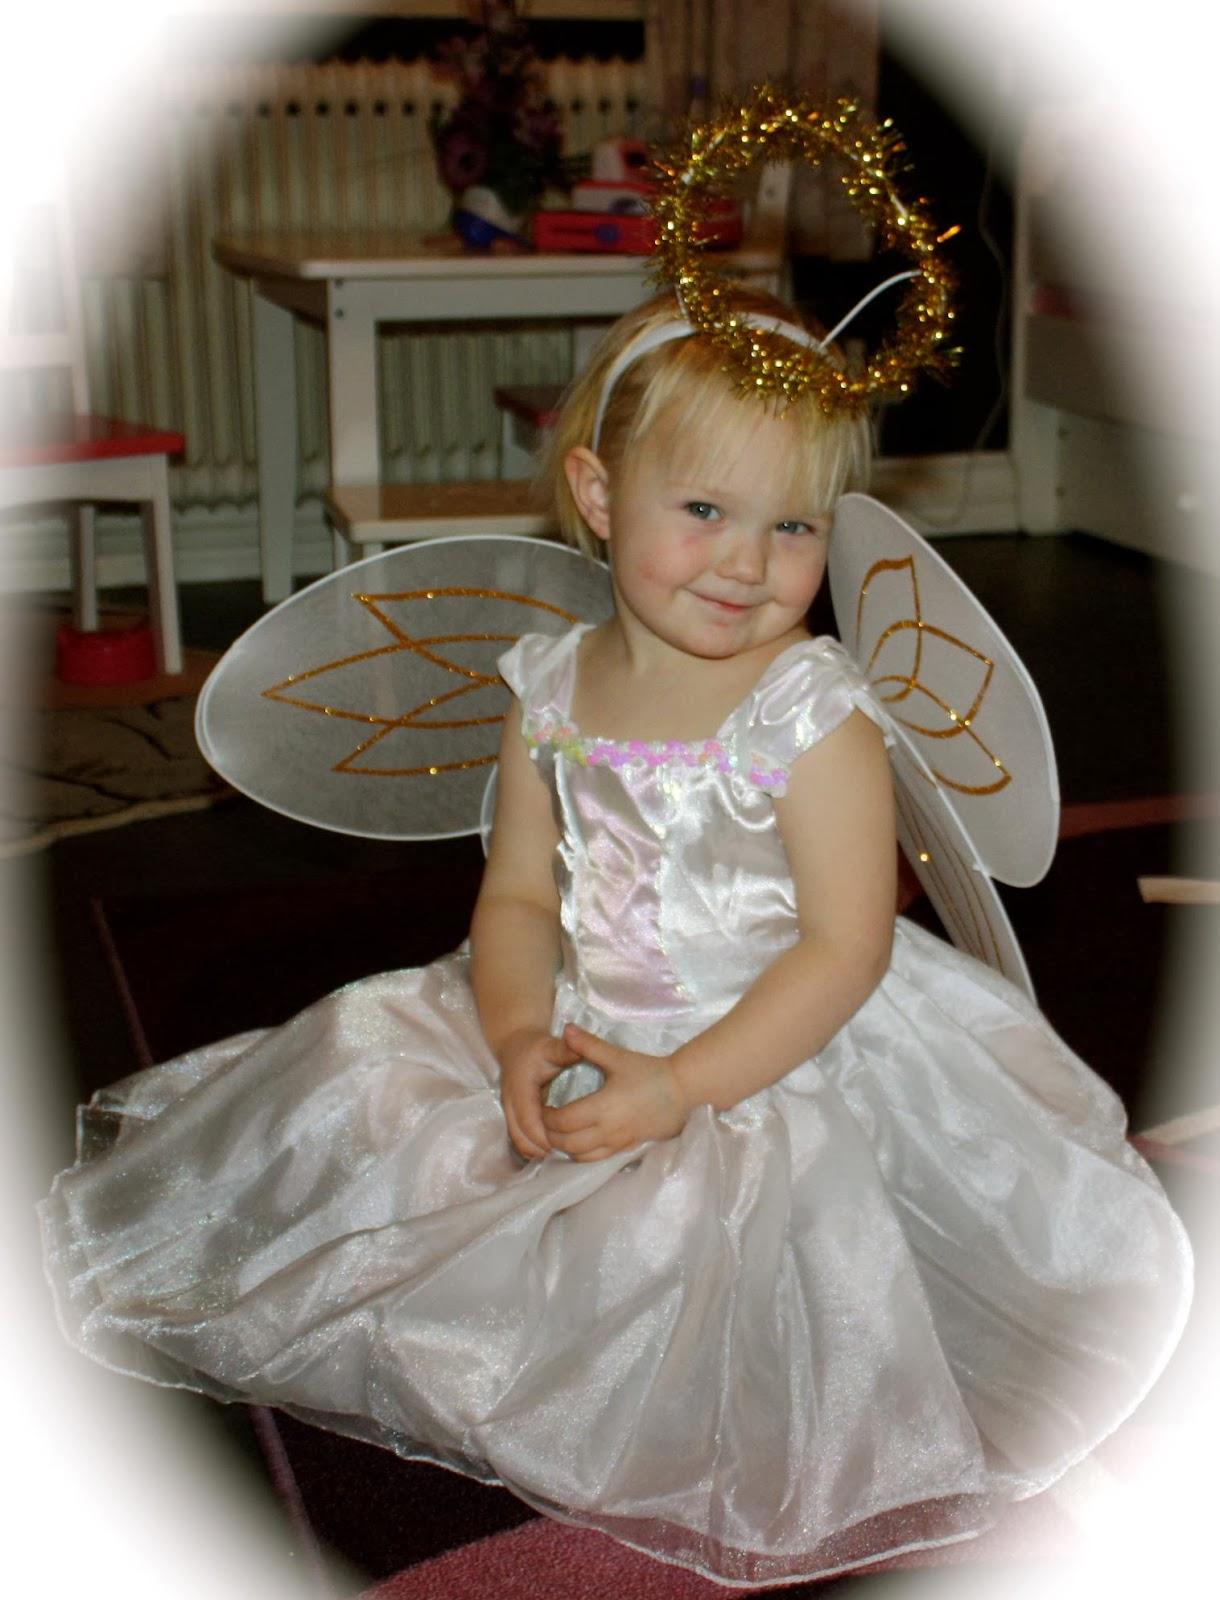 bolibompa dagens grattis skicka in Vibeke: Angels pinata & tillbehör kom =) skickat in Angel till  bolibompa dagens grattis skicka in